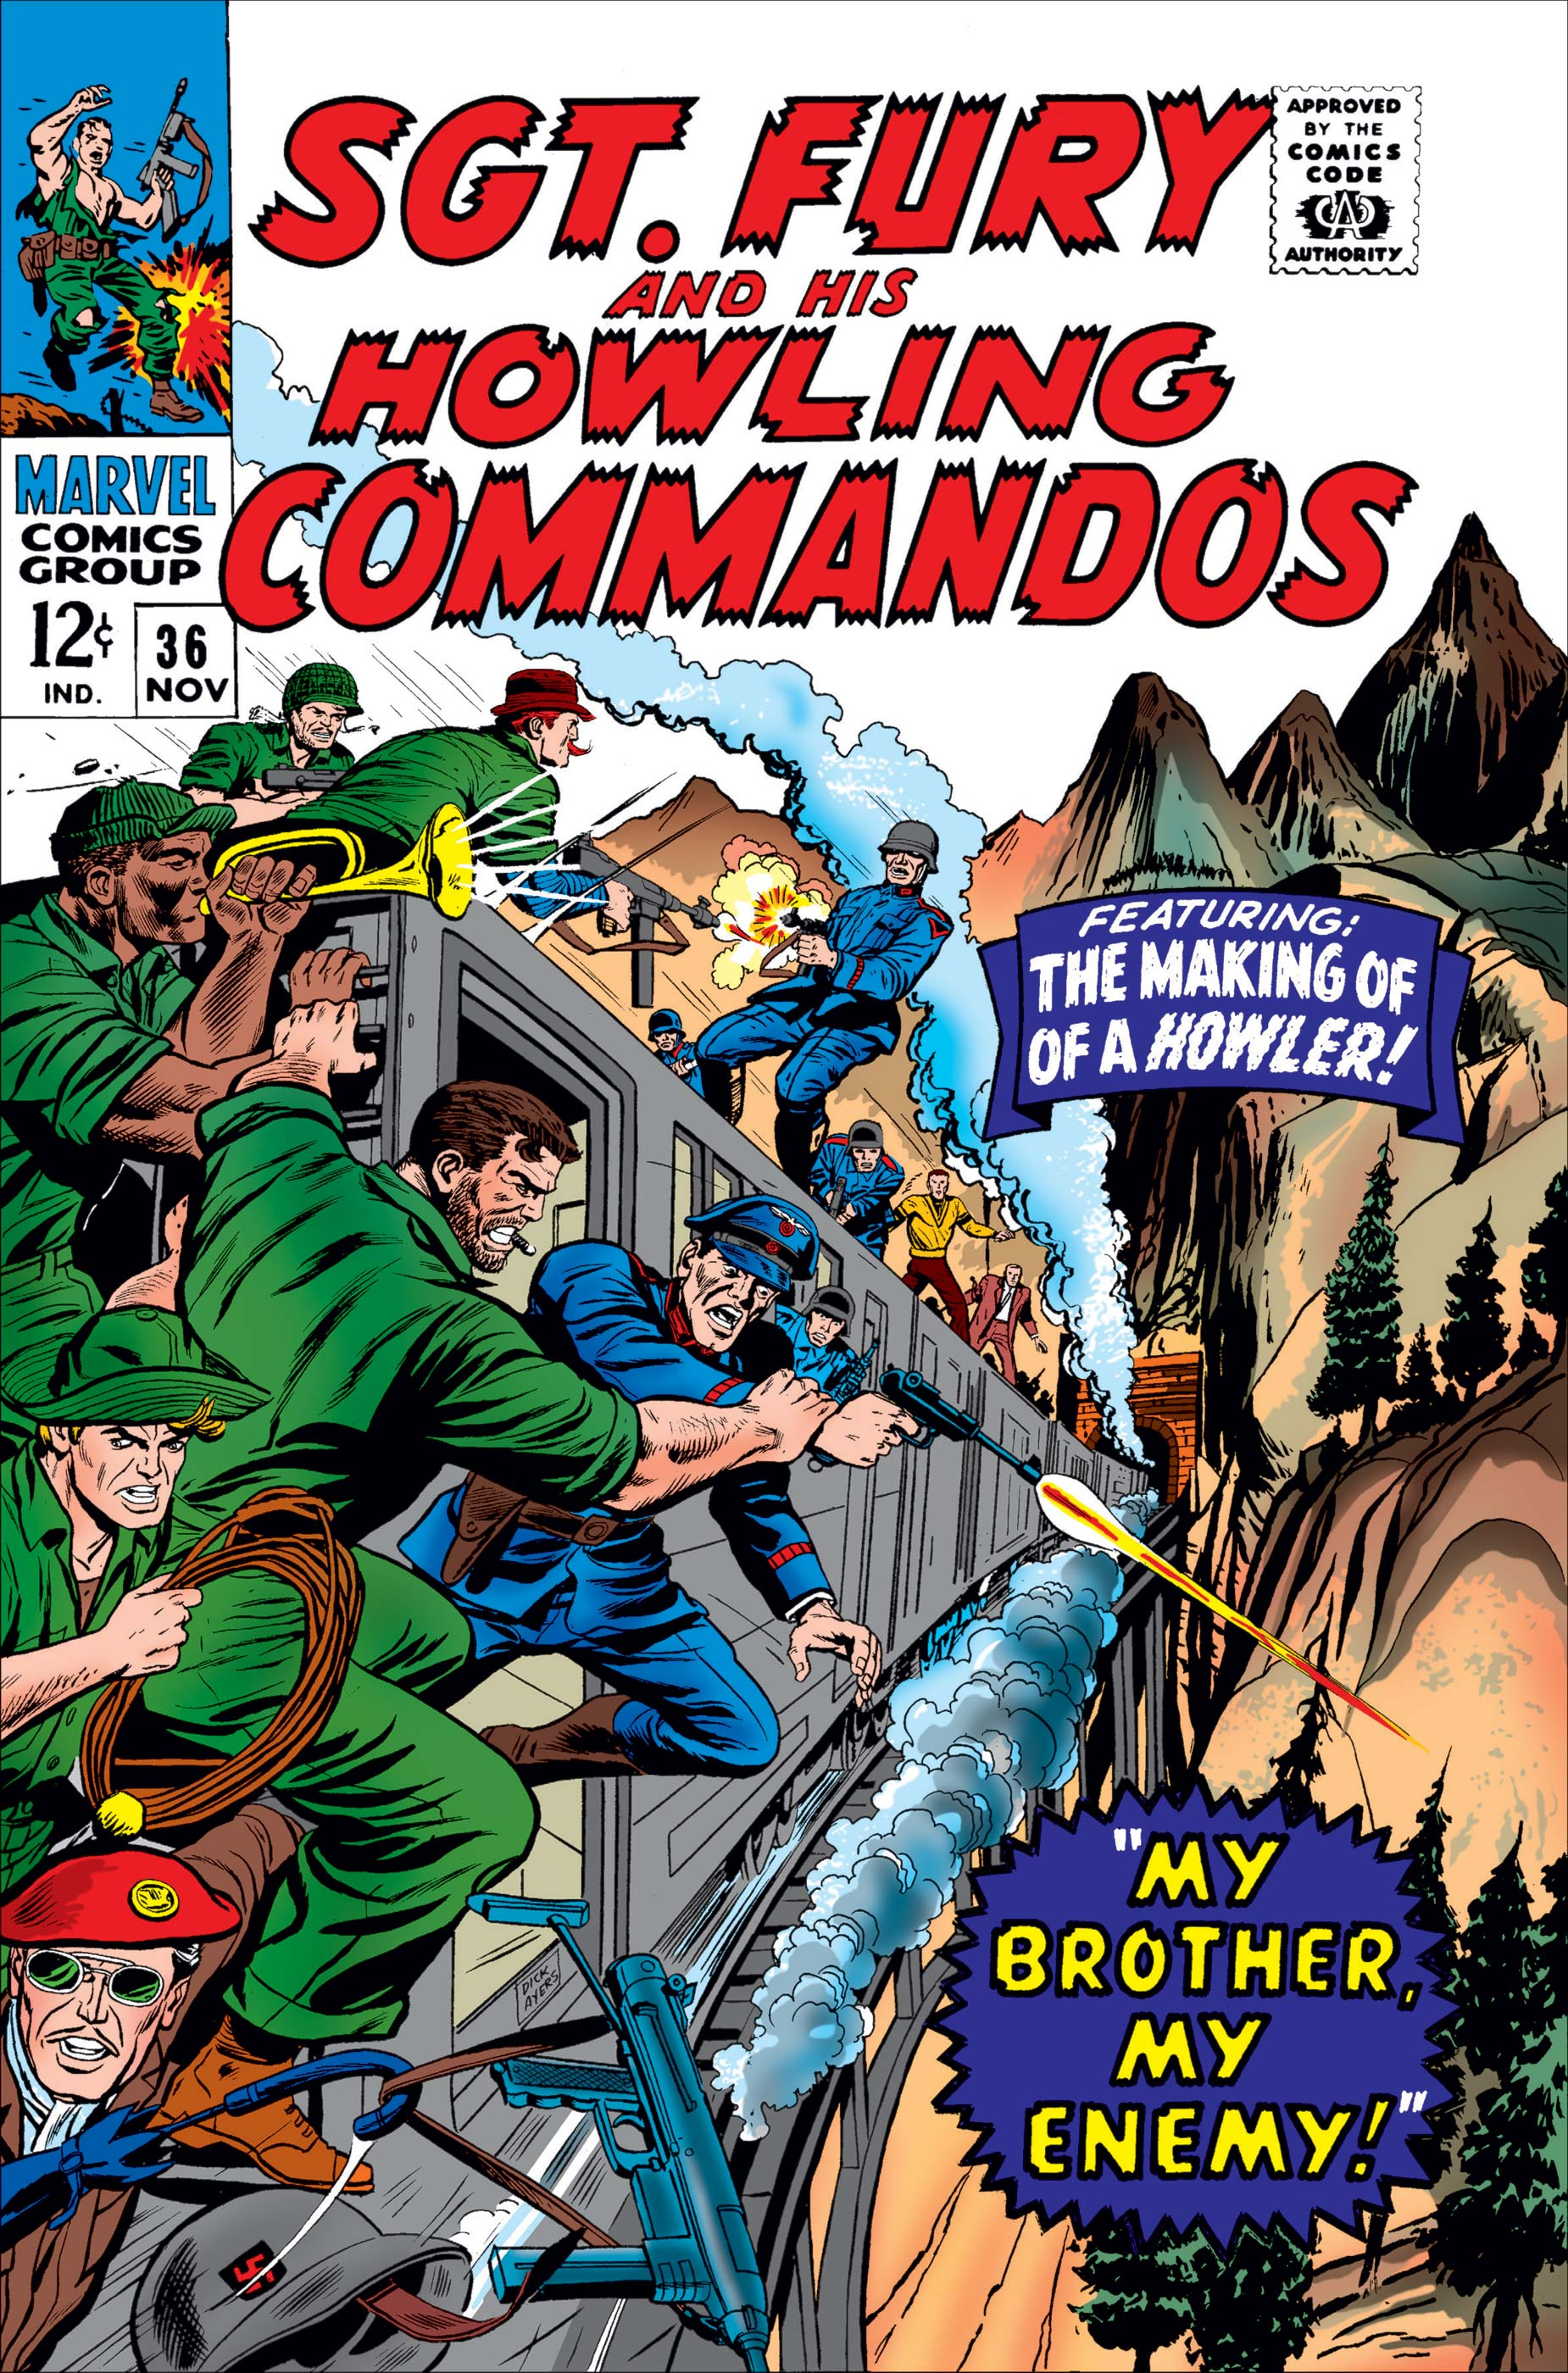 Sgt. Fury (1963) #36